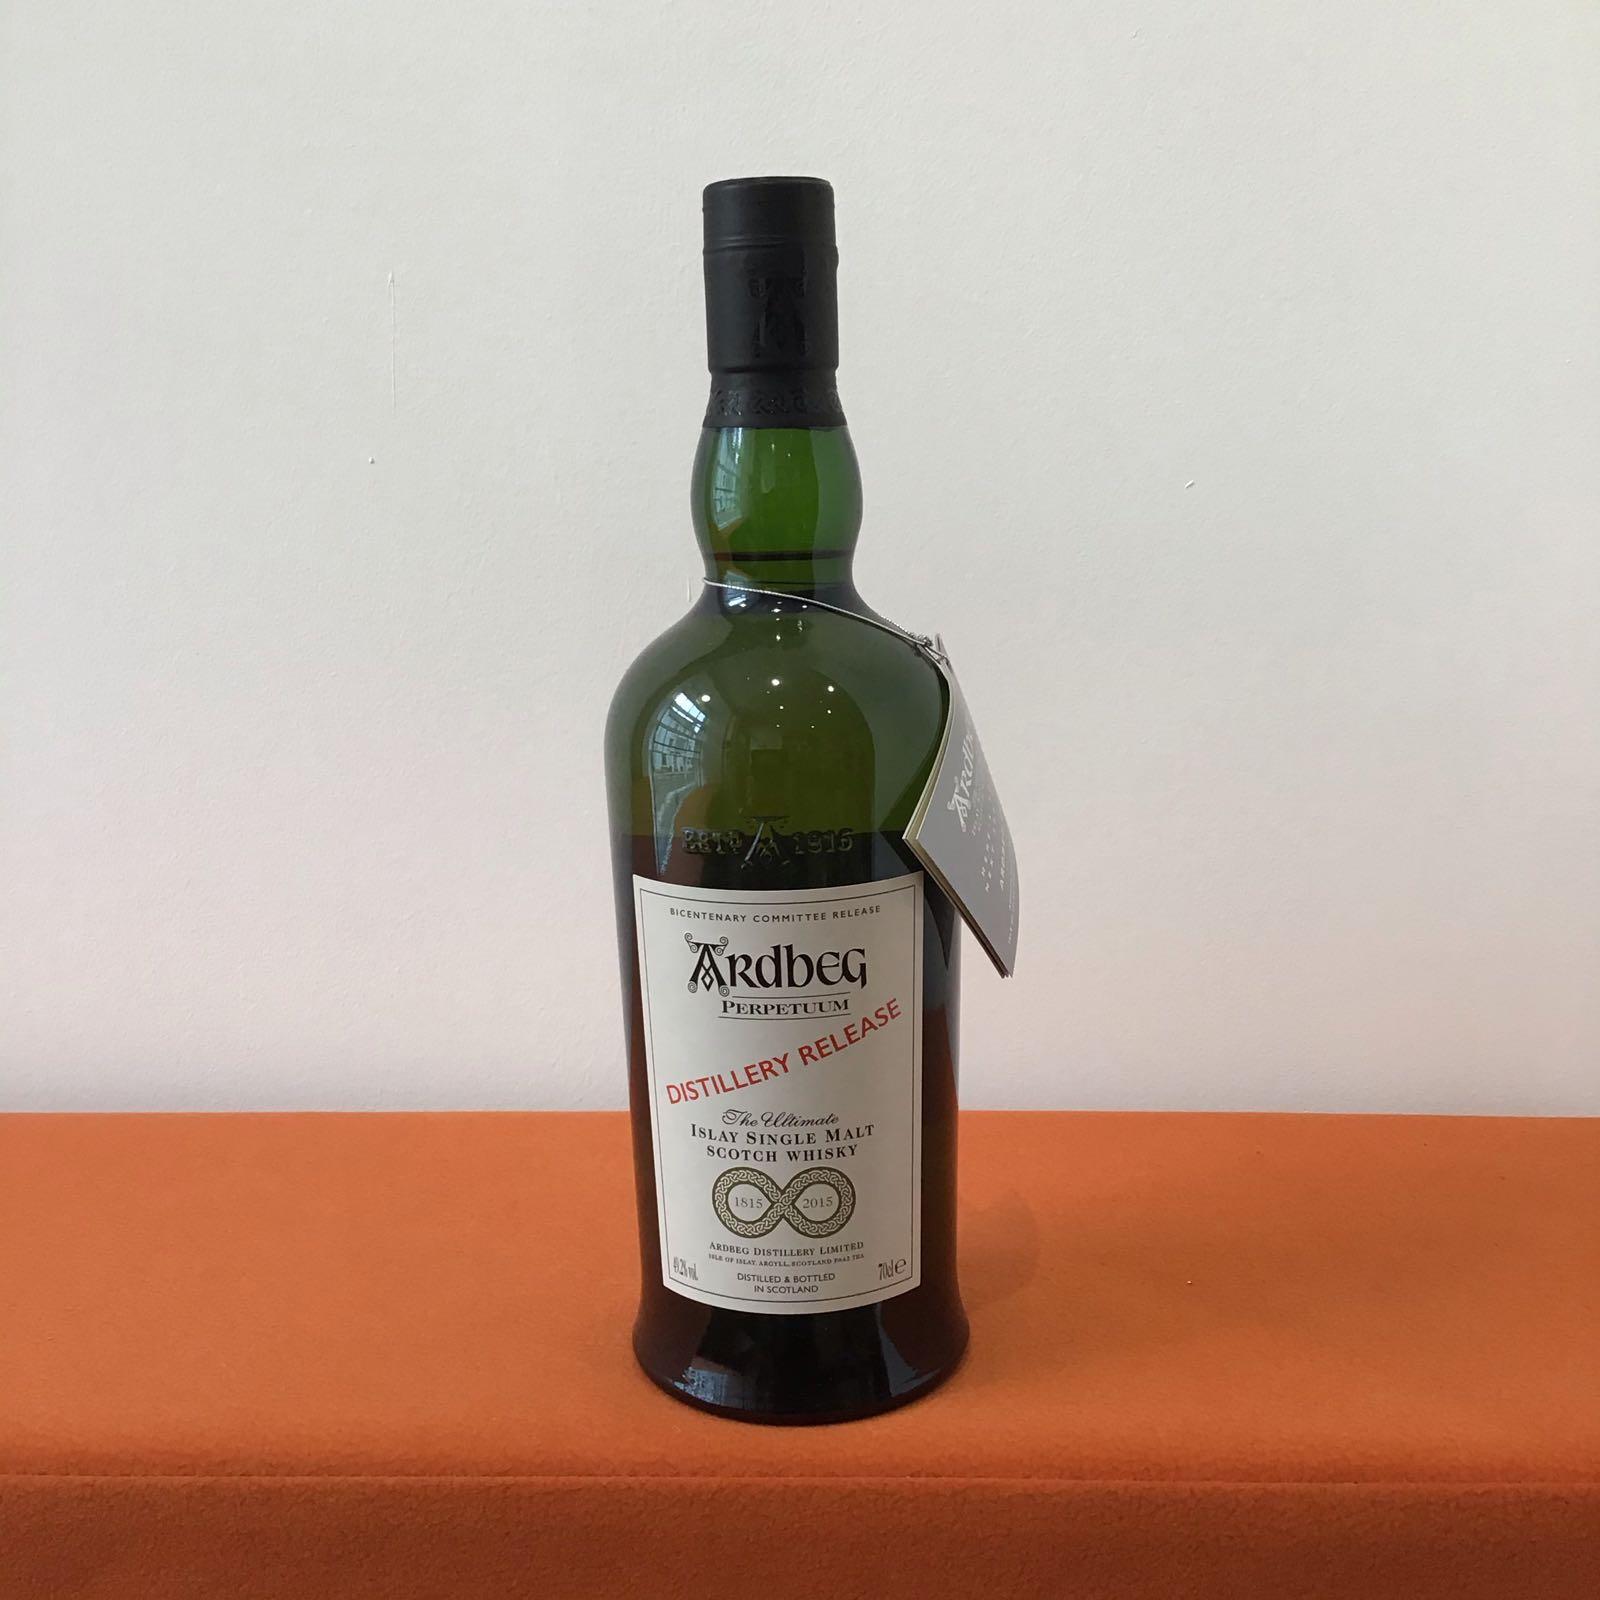 Ardbeg Perpetuum - Distillery Release